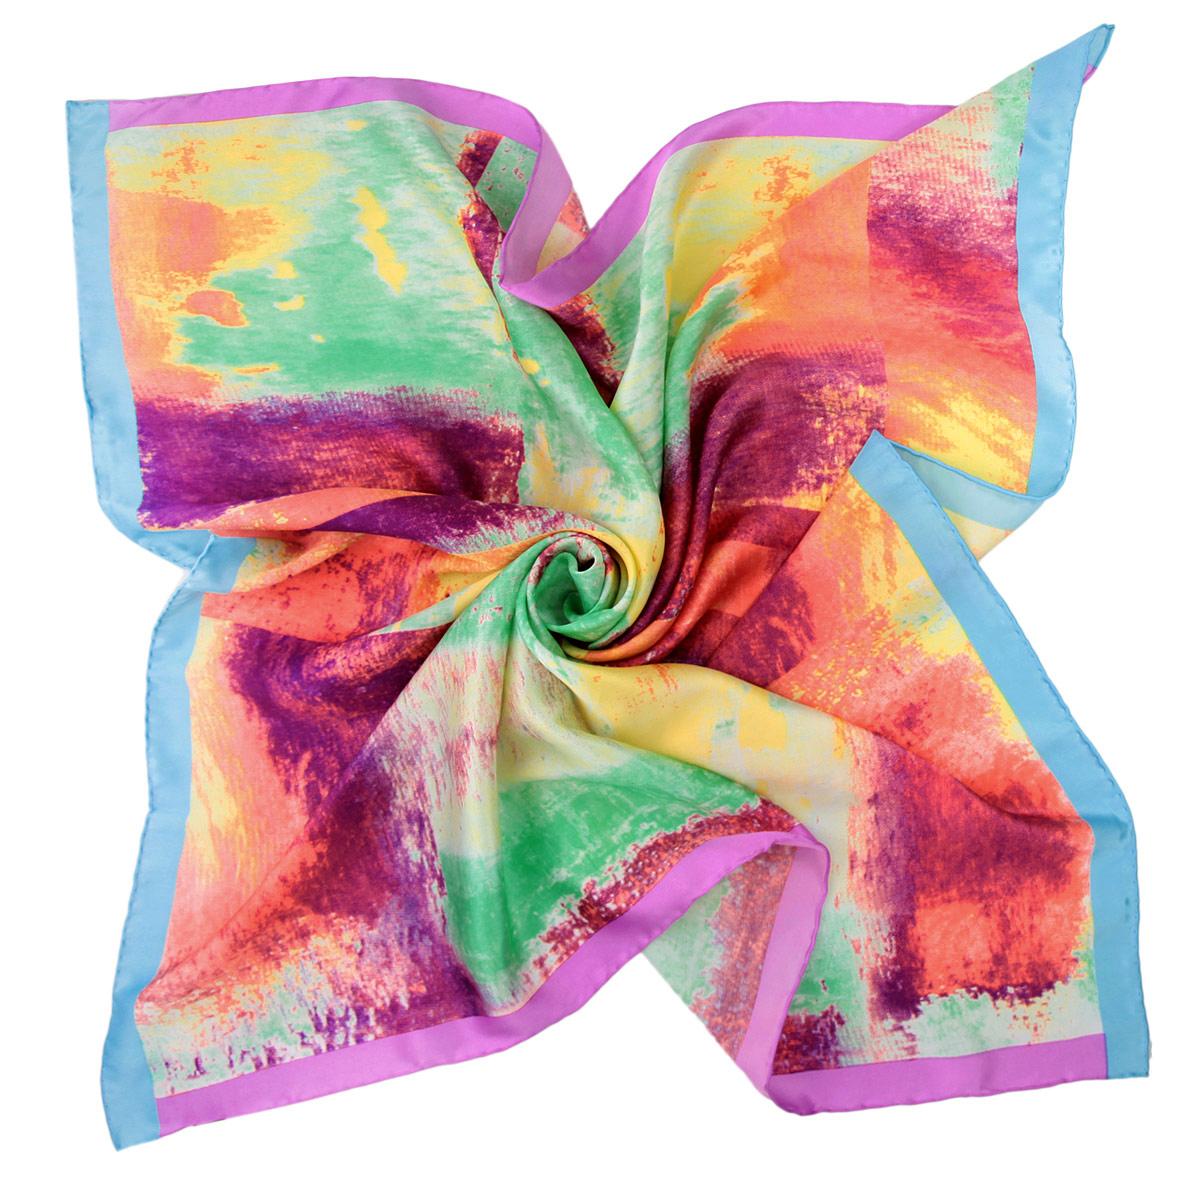 Платок женский Venera, цвет: зеленый, коралловый. 1801829-9. Размер 90 см х 90 см1801829-9 ПлатокОчаровательный платок Venera подчеркнет ваш неповторимый образ. Изделие выполнено из натурального шелка и оформлено абстрактным принтом. Края платка обработаны вручную. Этот модный аксессуар женского гардероба гармонично дополнит образ современной женщины, следящей за своим имиджем и стремящейся всегда оставаться стильной и элегантной.